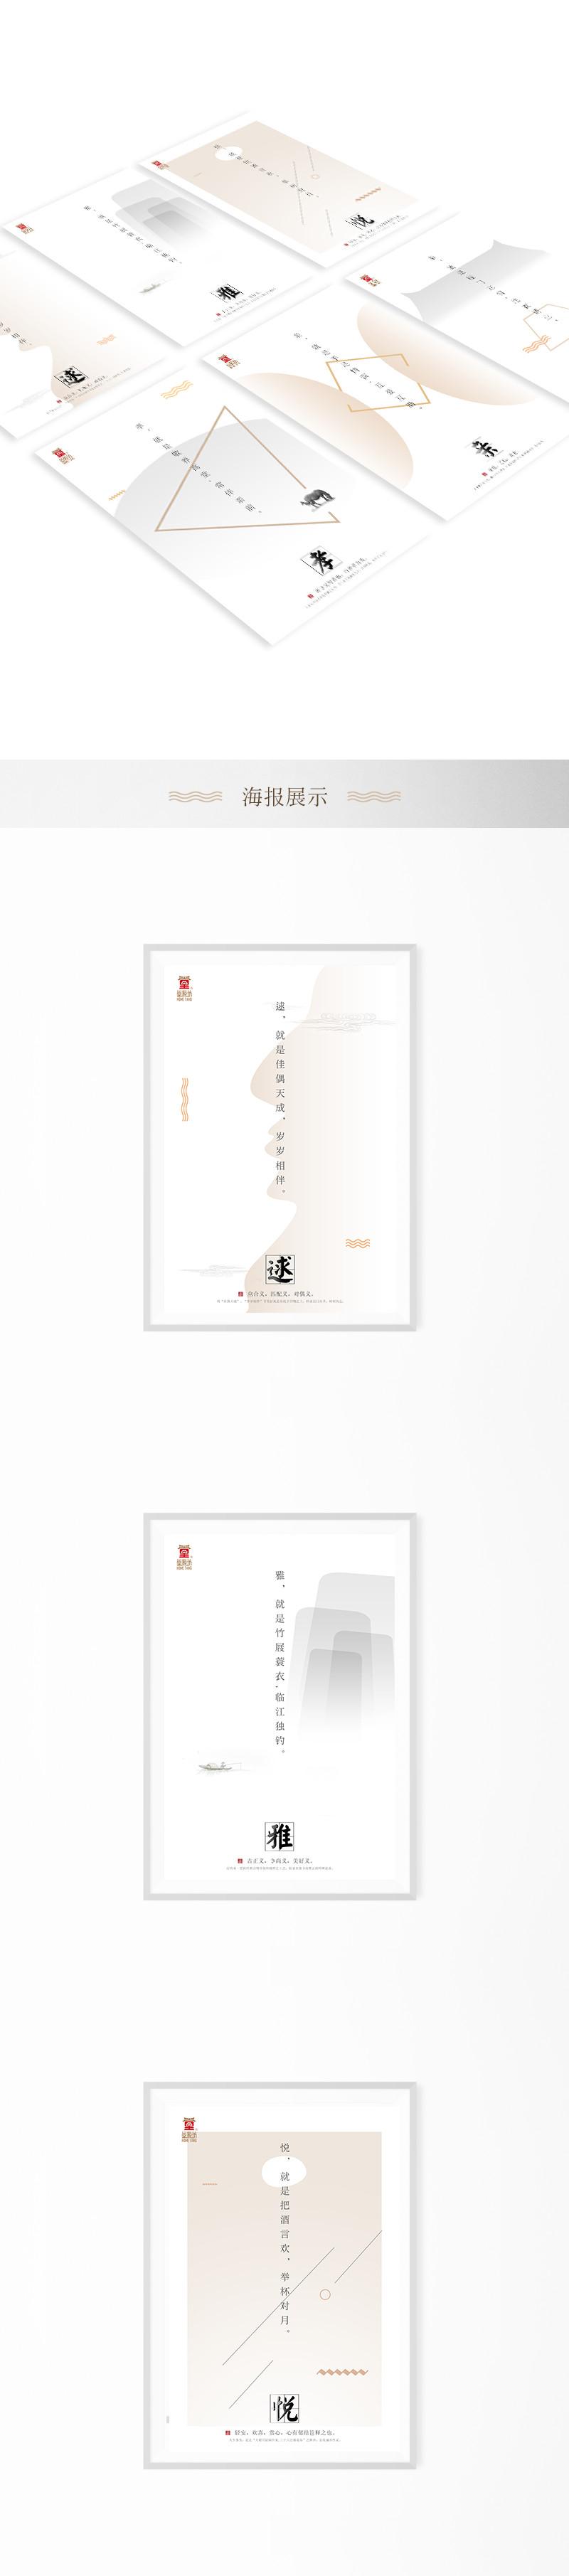 堂悦坊第二届新中式美学主题概念海报设计